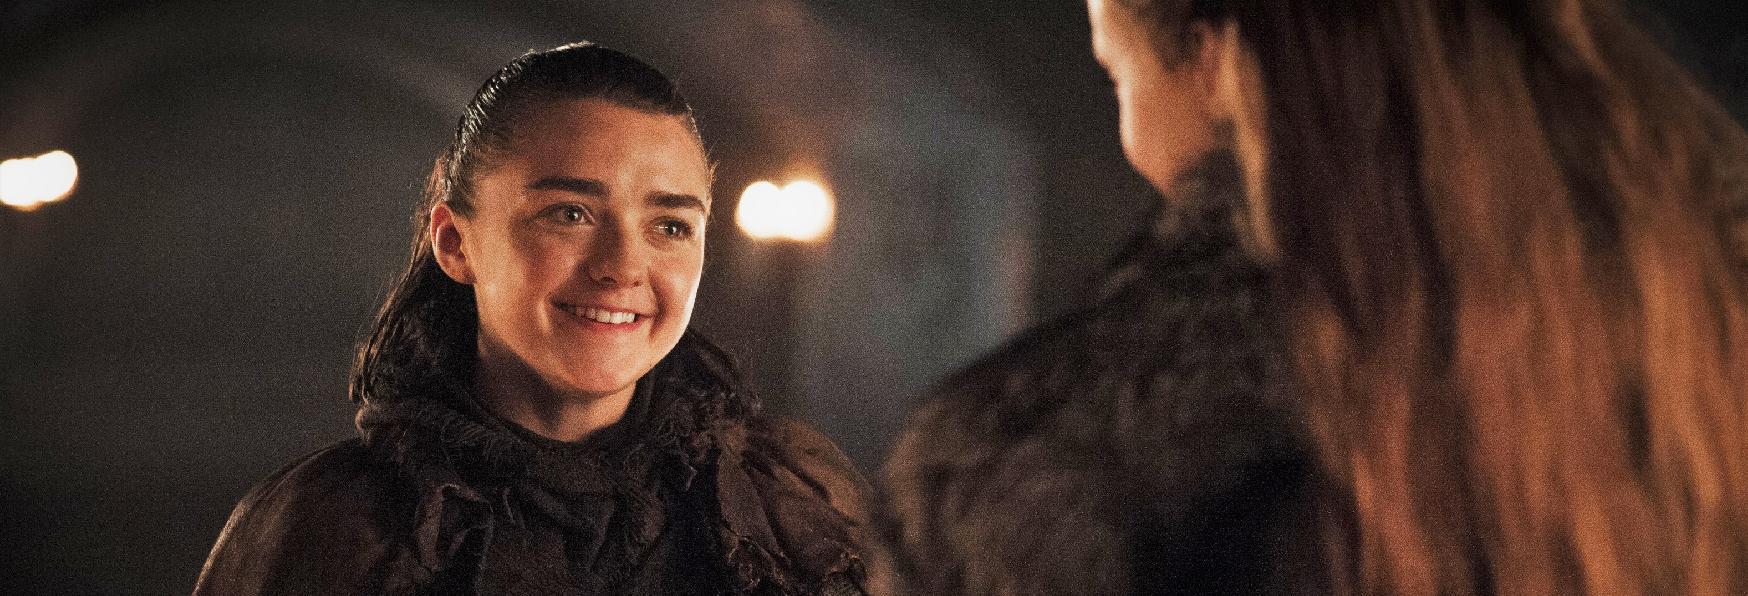 Game of Thrones: un Mese esatto all'8° Stagione, riepiloghiamo tutte le Informazioni Note